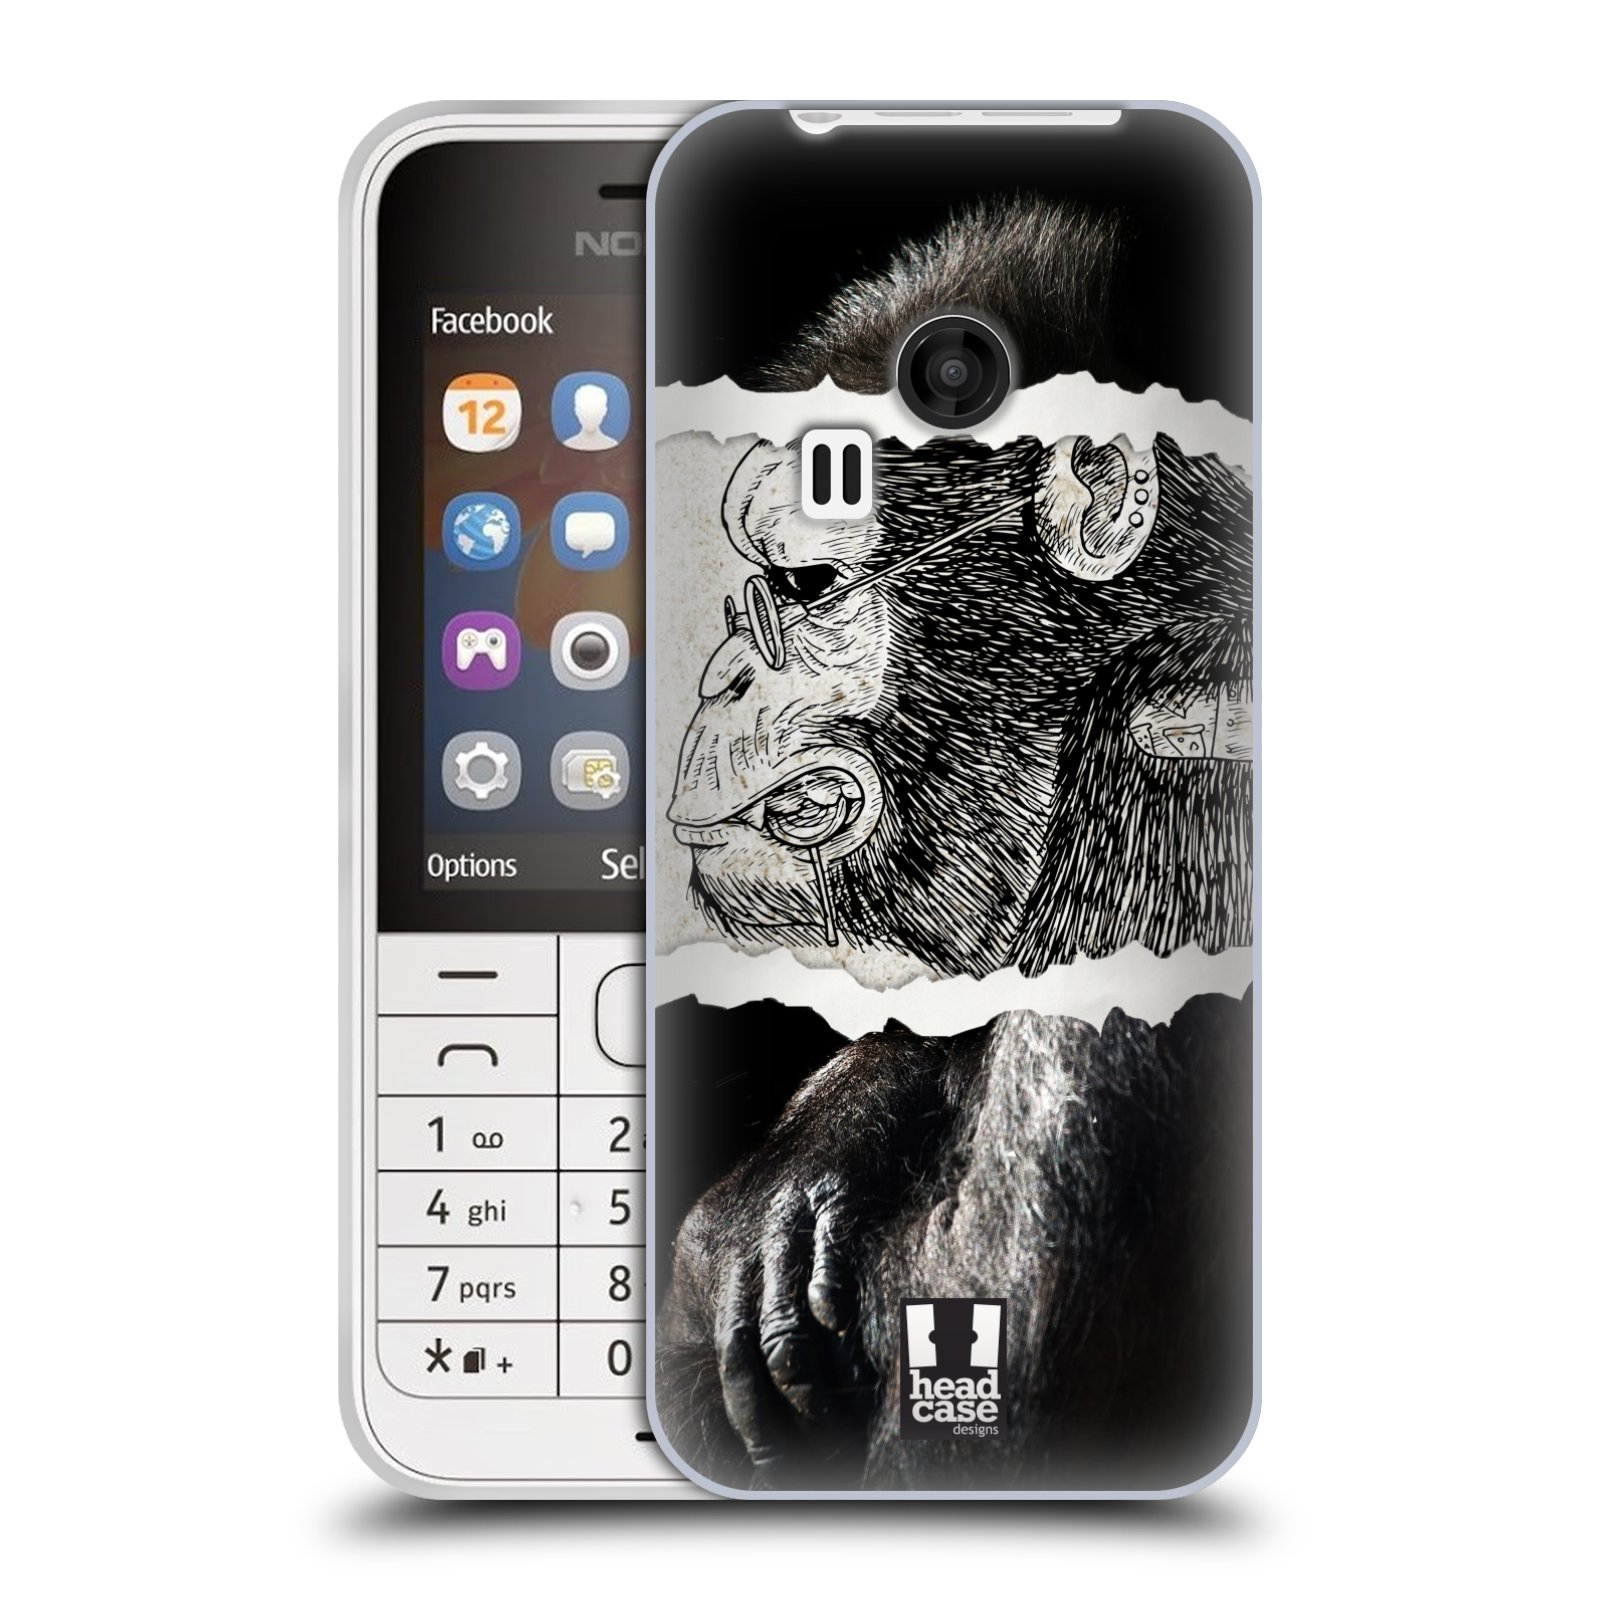 HEAD CASE silikonový obal na mobil NOKIA 220 / NOKIA 220 DUAL SIM vzor zvířata koláž opice